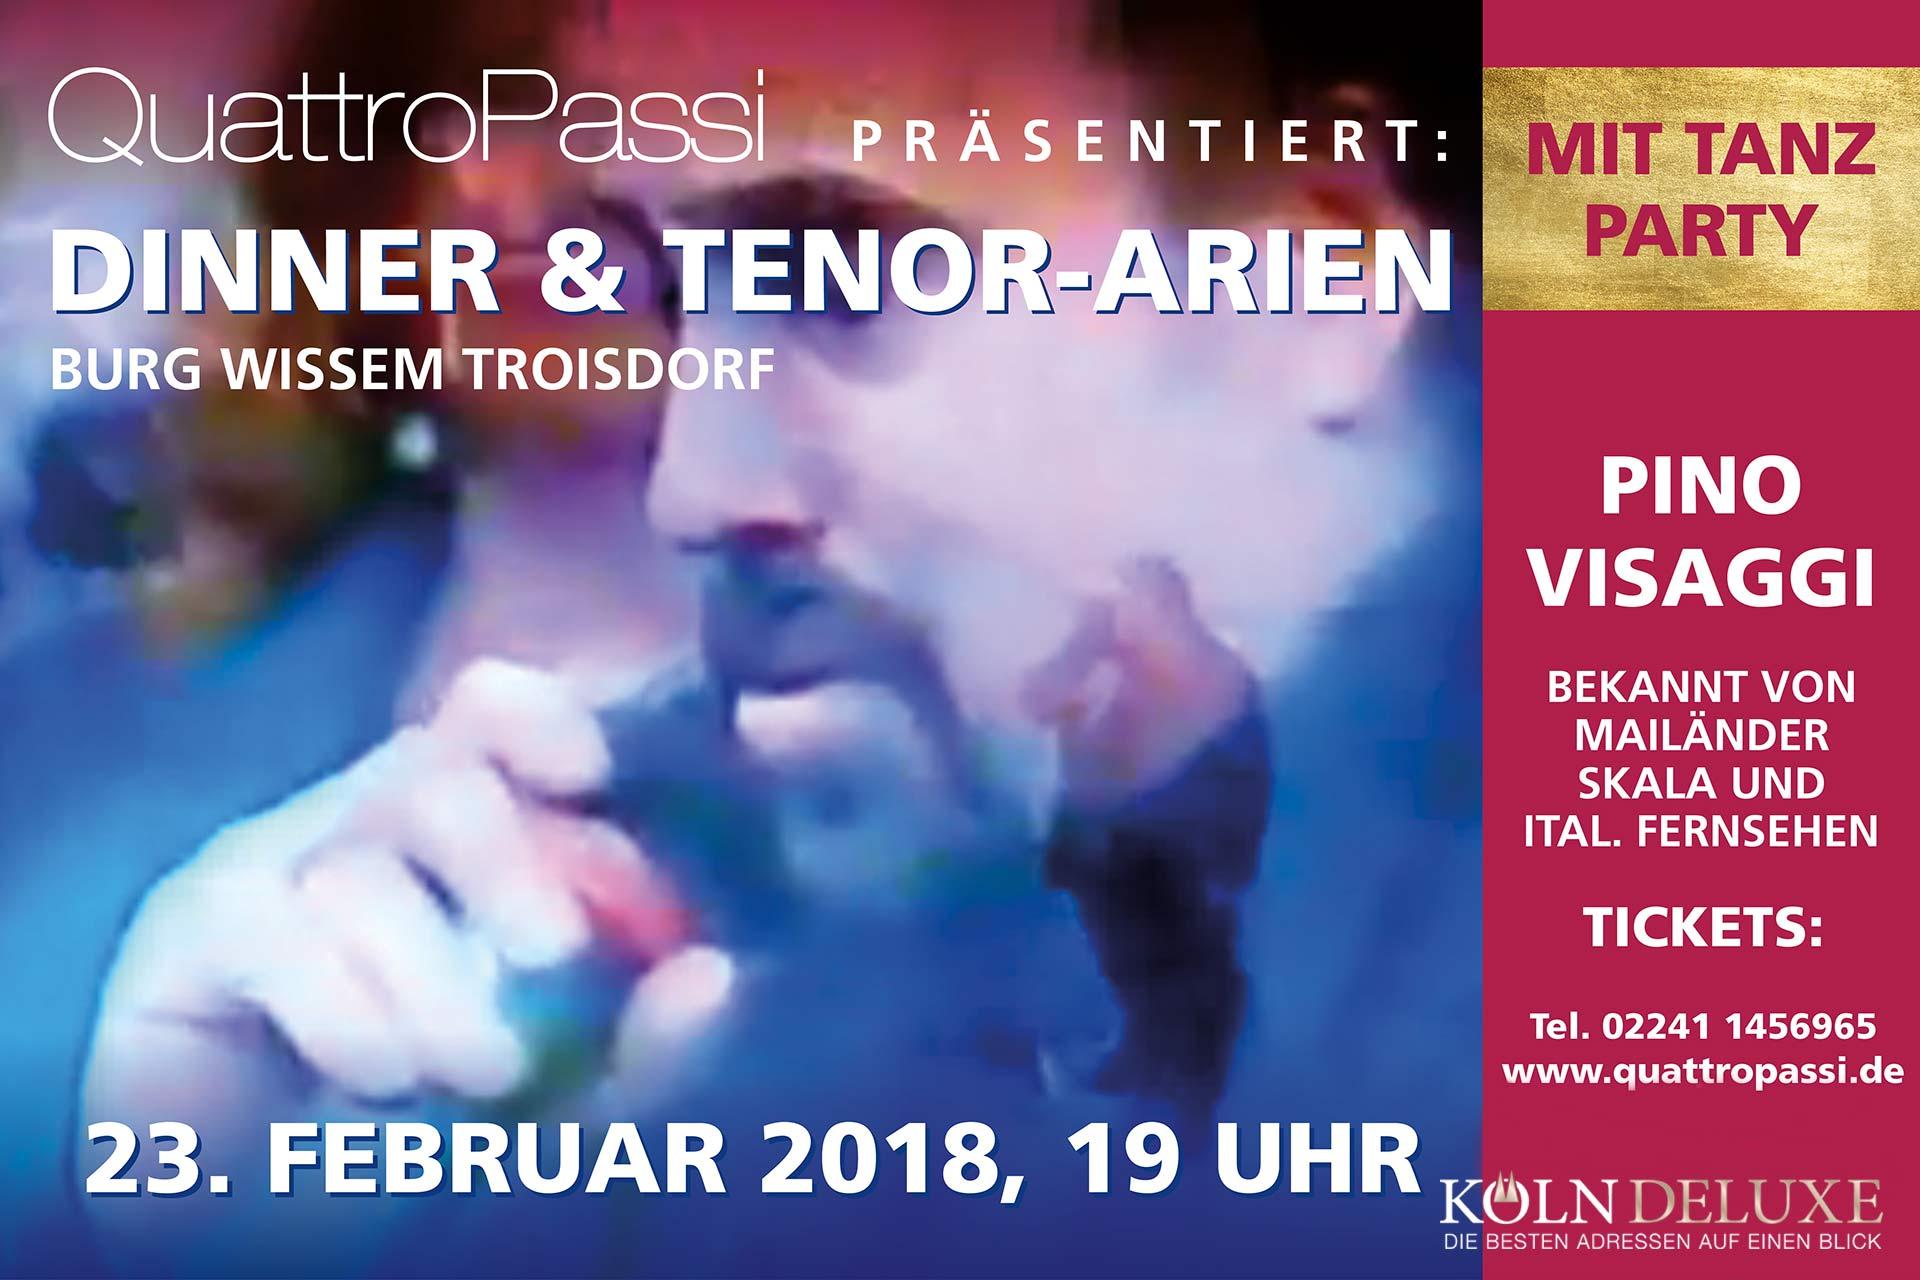 Einmalig und erstmalig – Tenorsänger aus Mailand, Pino Visaggi zu Gast in der Burg Wissem, Troisdorf